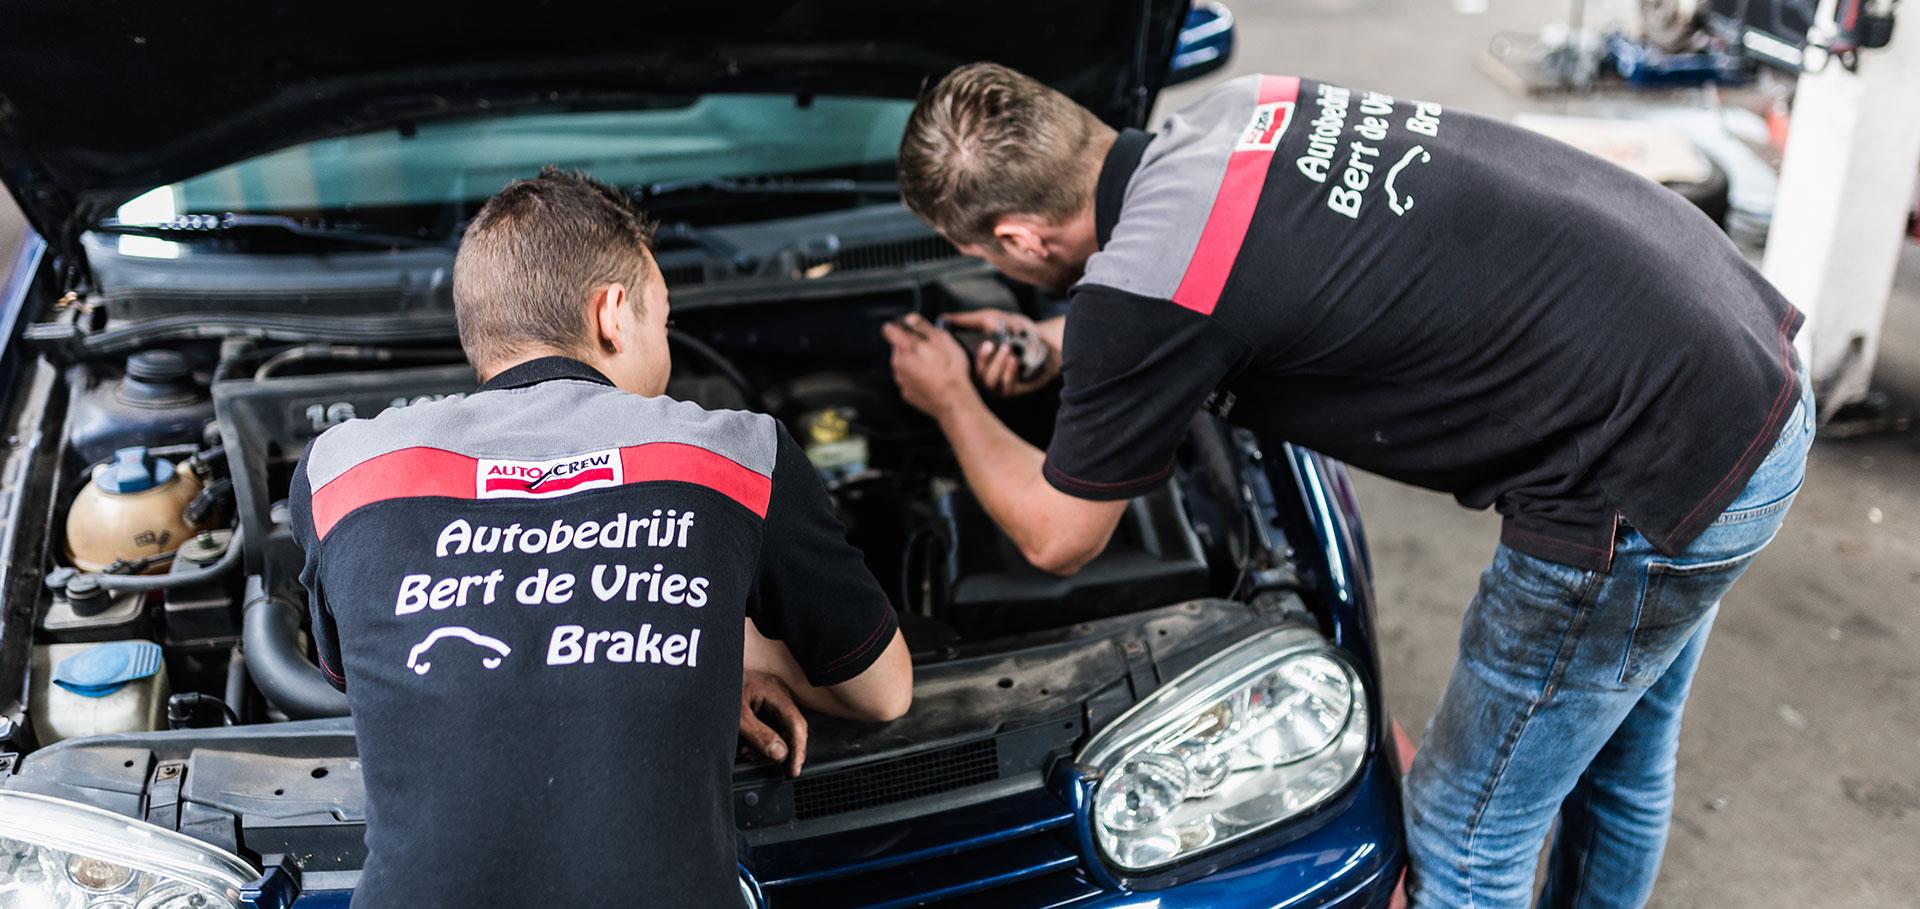 Autobedrijf Bert de Vries - AutoCrew